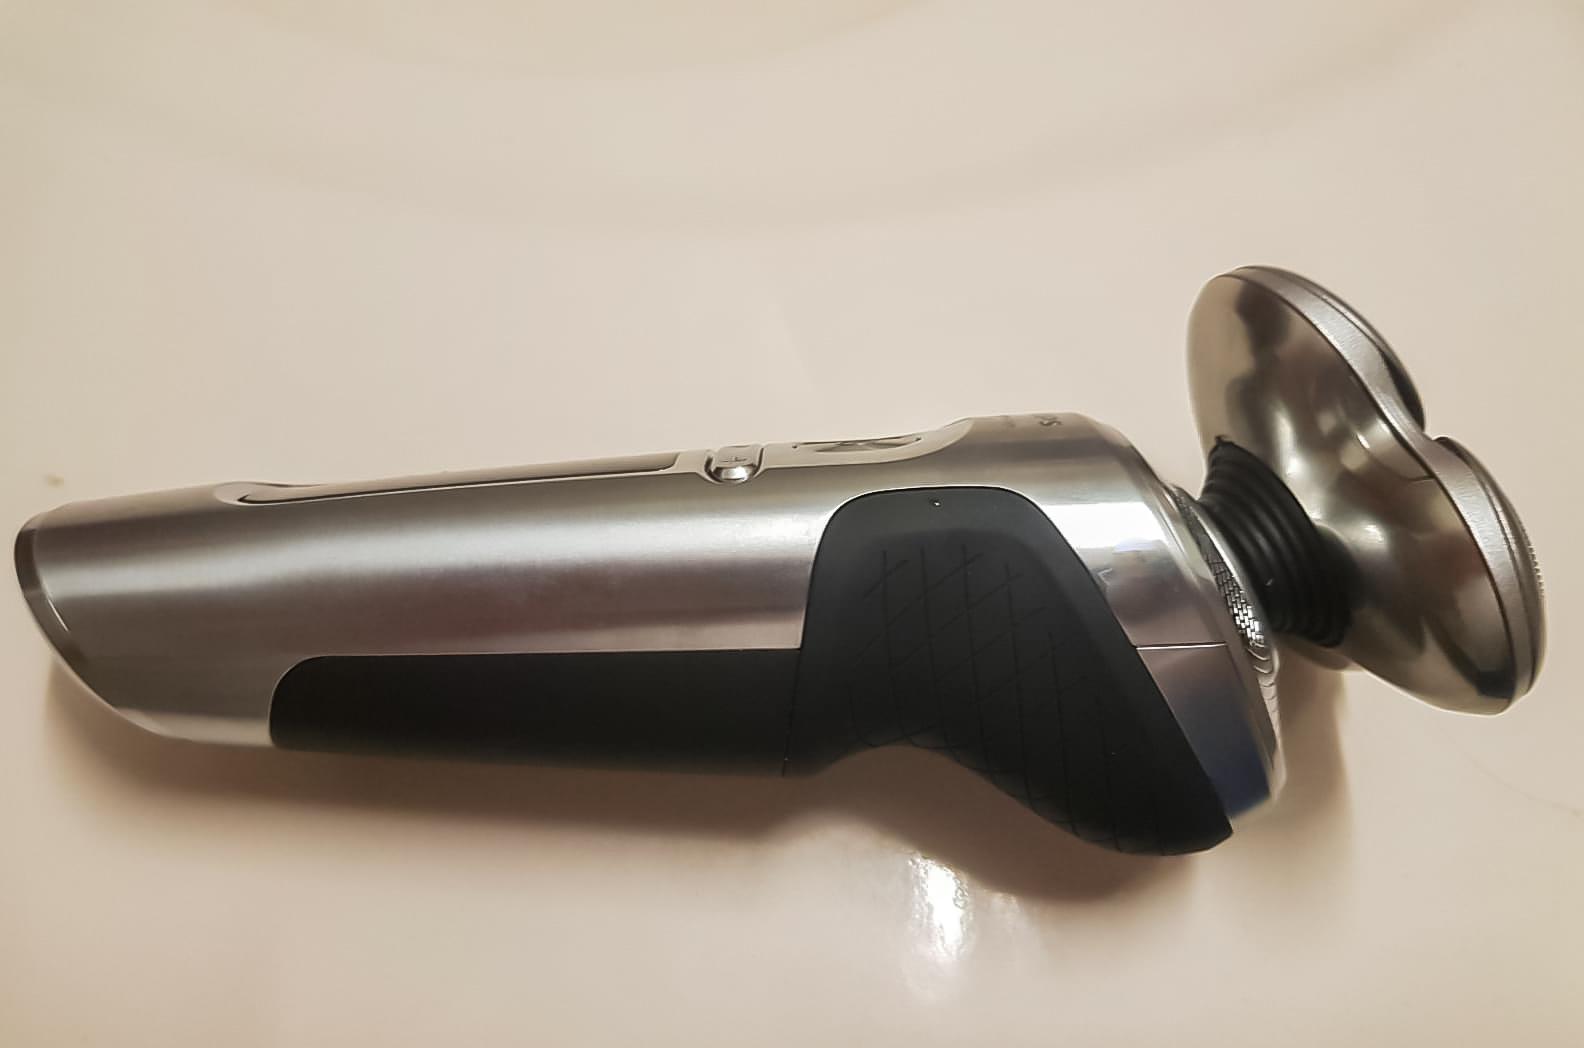 מכונת גילוח פיליפס